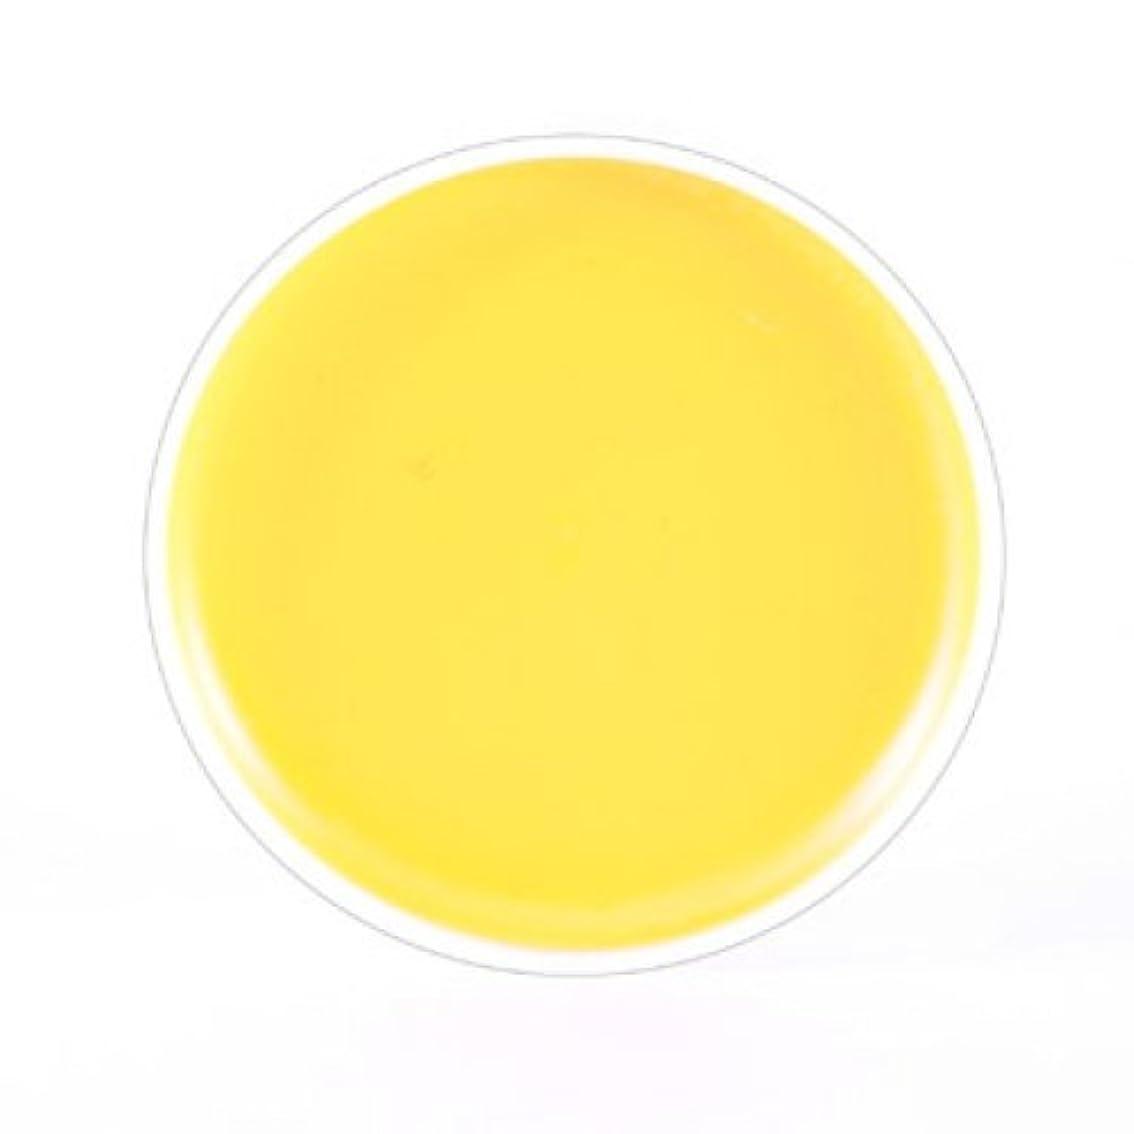 遅い小石歪める(3 Pack) mehron Color Cups Face and Body Paint - Yellow (並行輸入品)